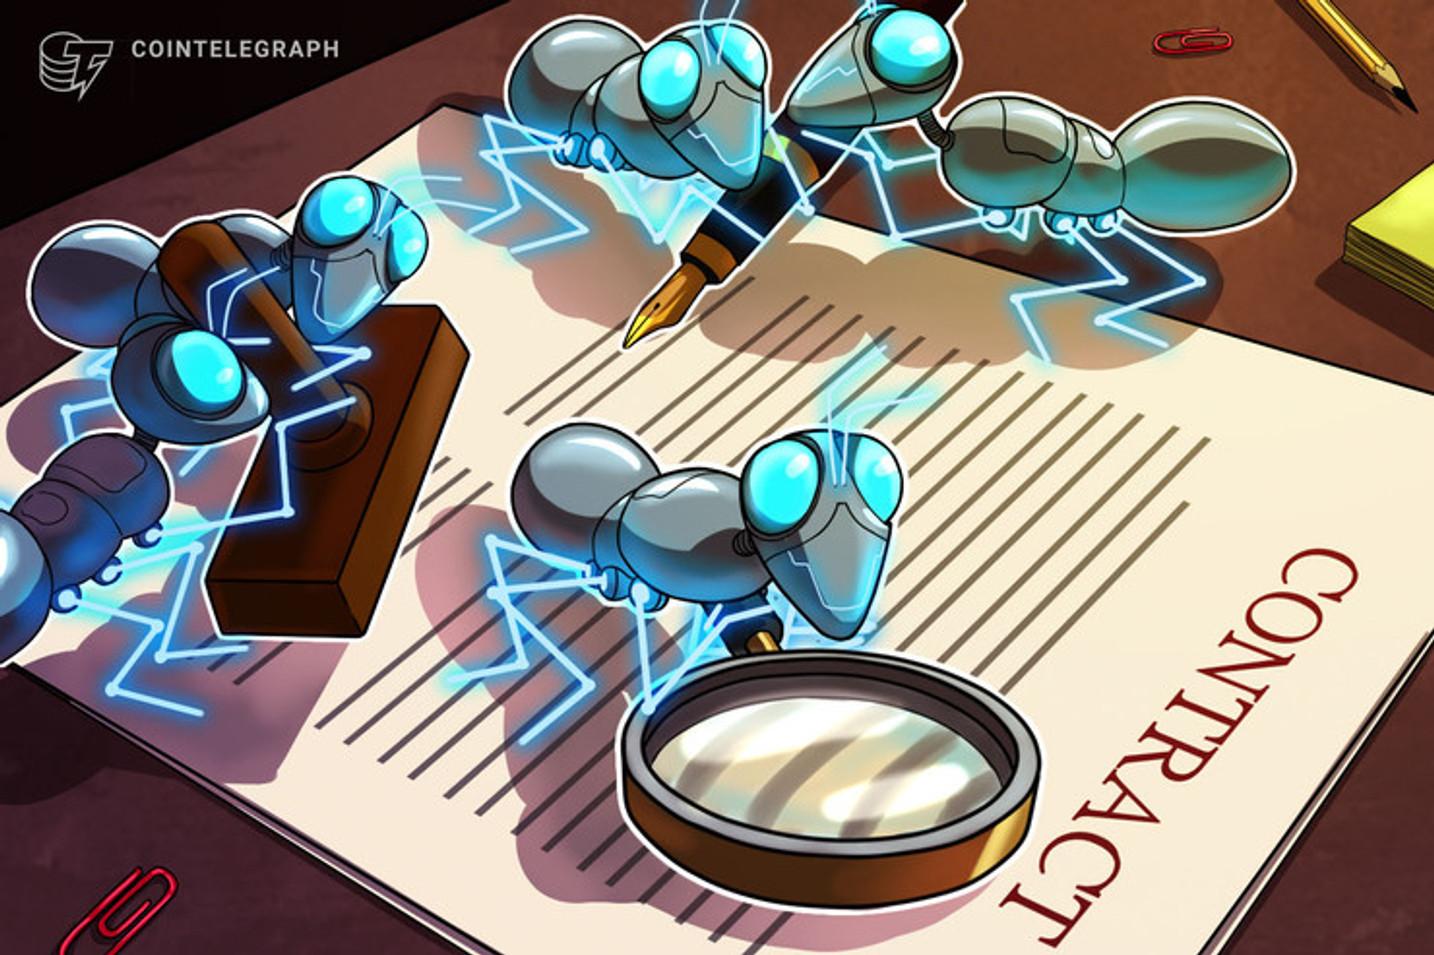 Argentina: Desarrollan una plataforma blockchain para acelerar procesos legales y mejorar relaciones contractuales